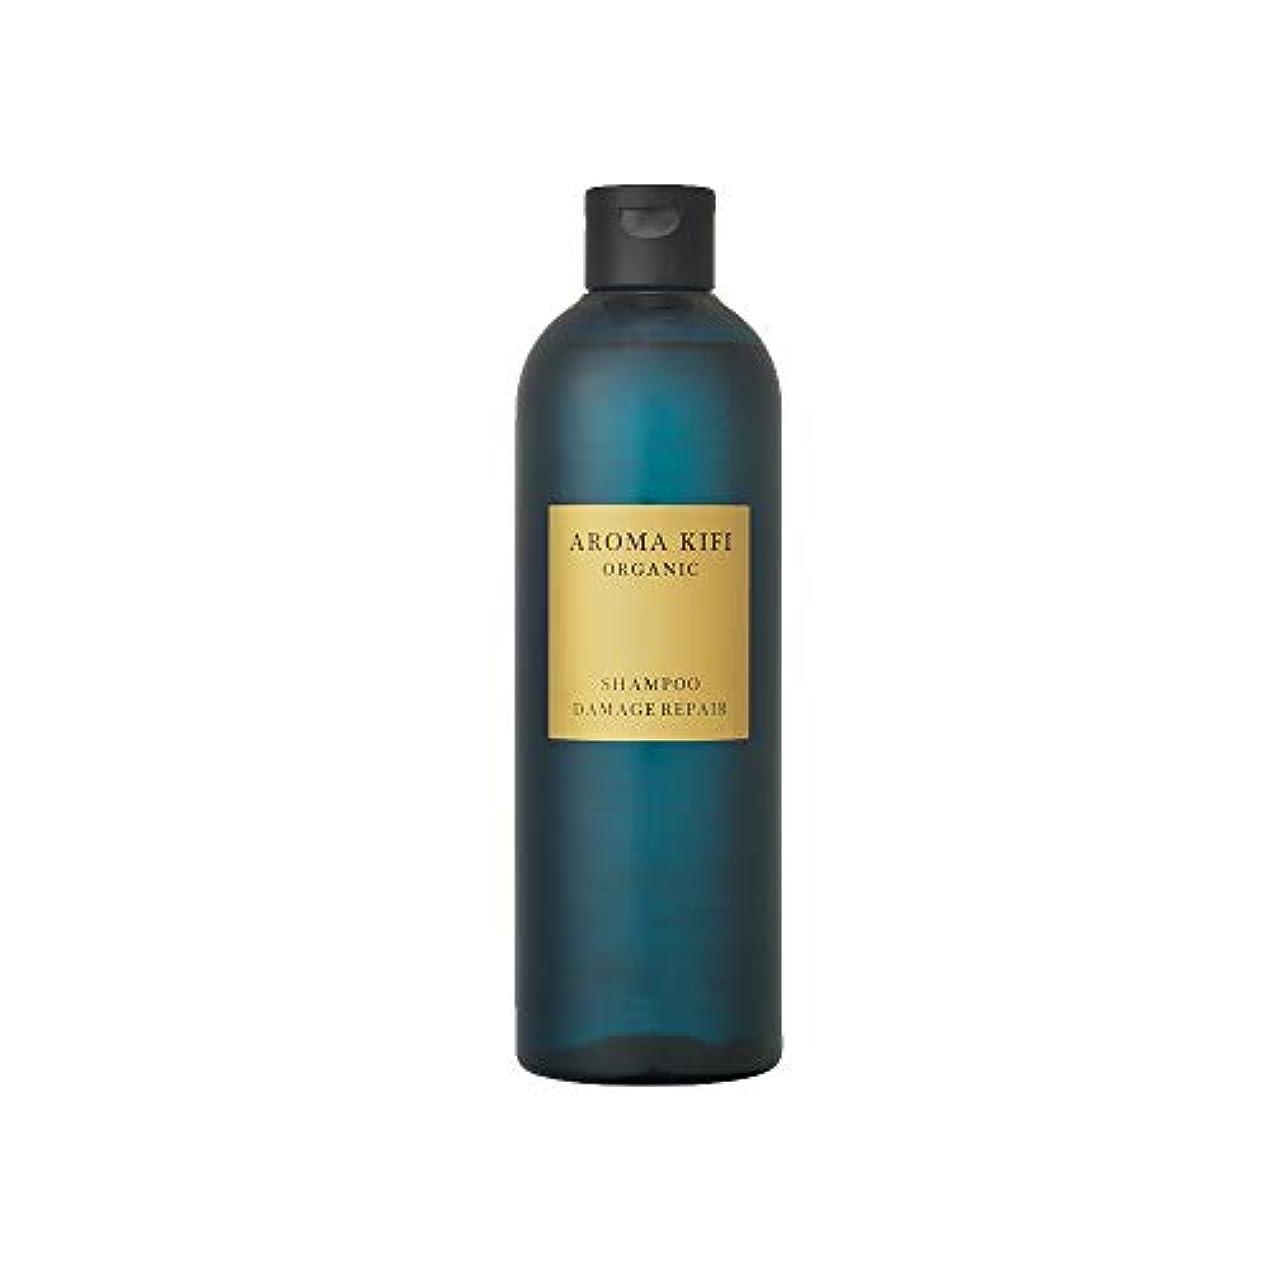 路地パブ作るアロマキフィ オーガニック シャンプー 480ml 【ダメージリペア】サロン品質 ノンシリコン 無添加 アロマティックローズの香り